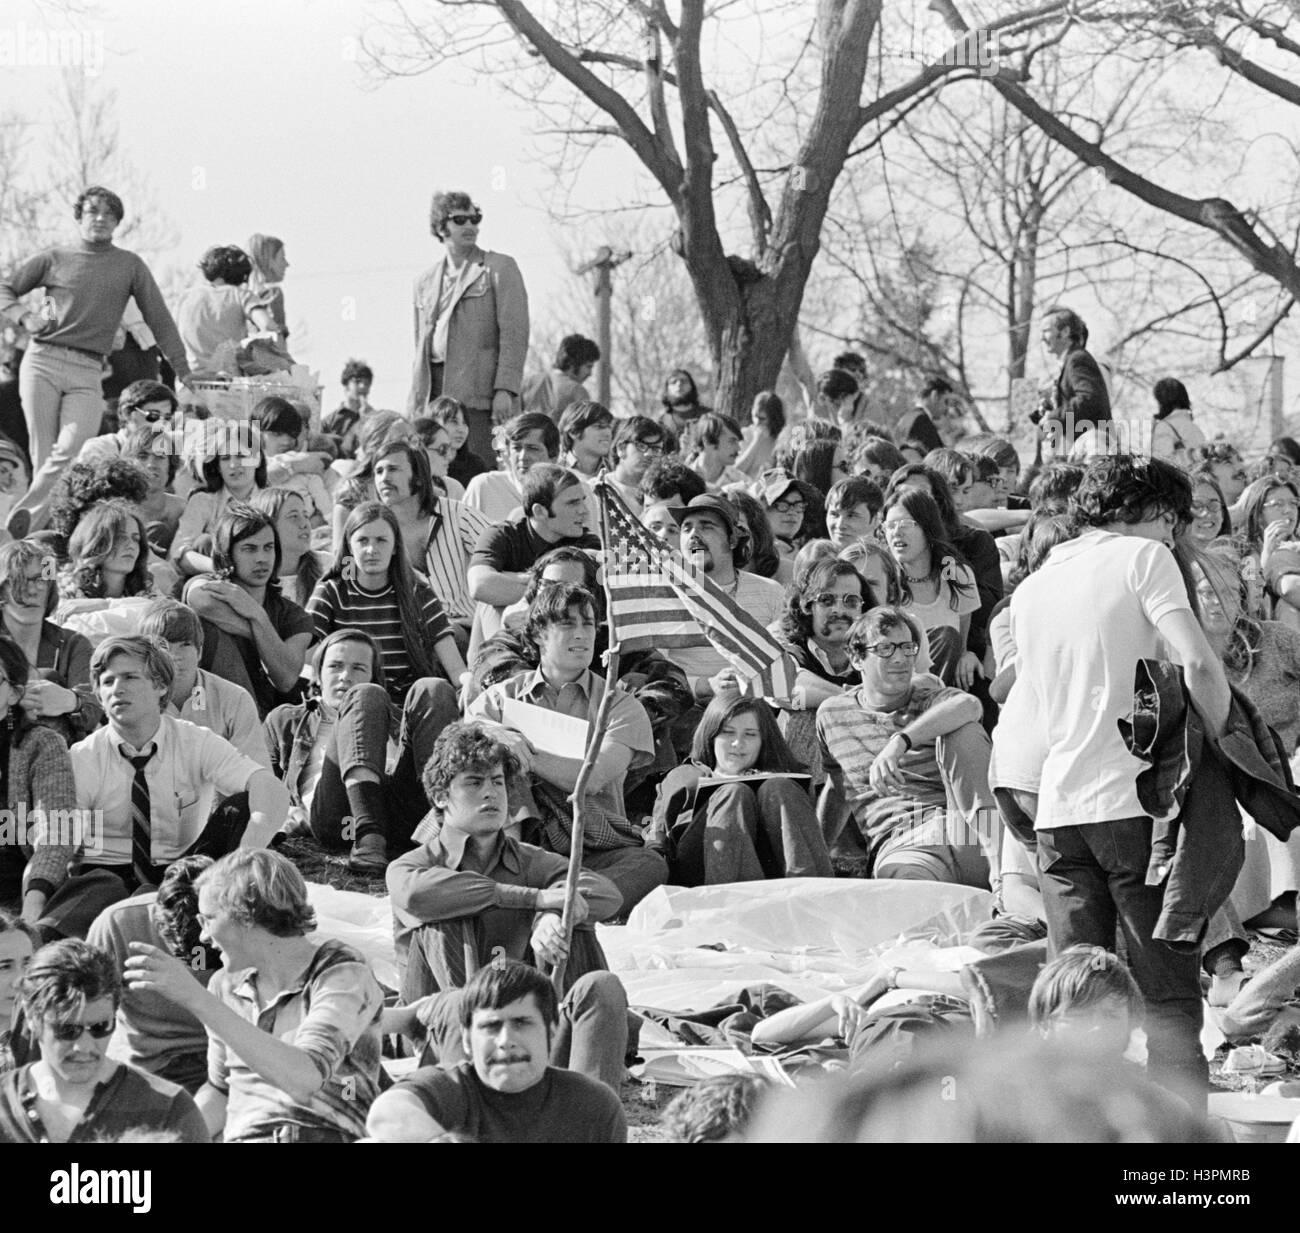 1970 El 22 de abril de 1970 MULTITUD DE ASISTIR A LA PRIMERA CELEBRACIÓN DEL DÍA DE LA TIERRA FAIRMONT Imagen De Stock